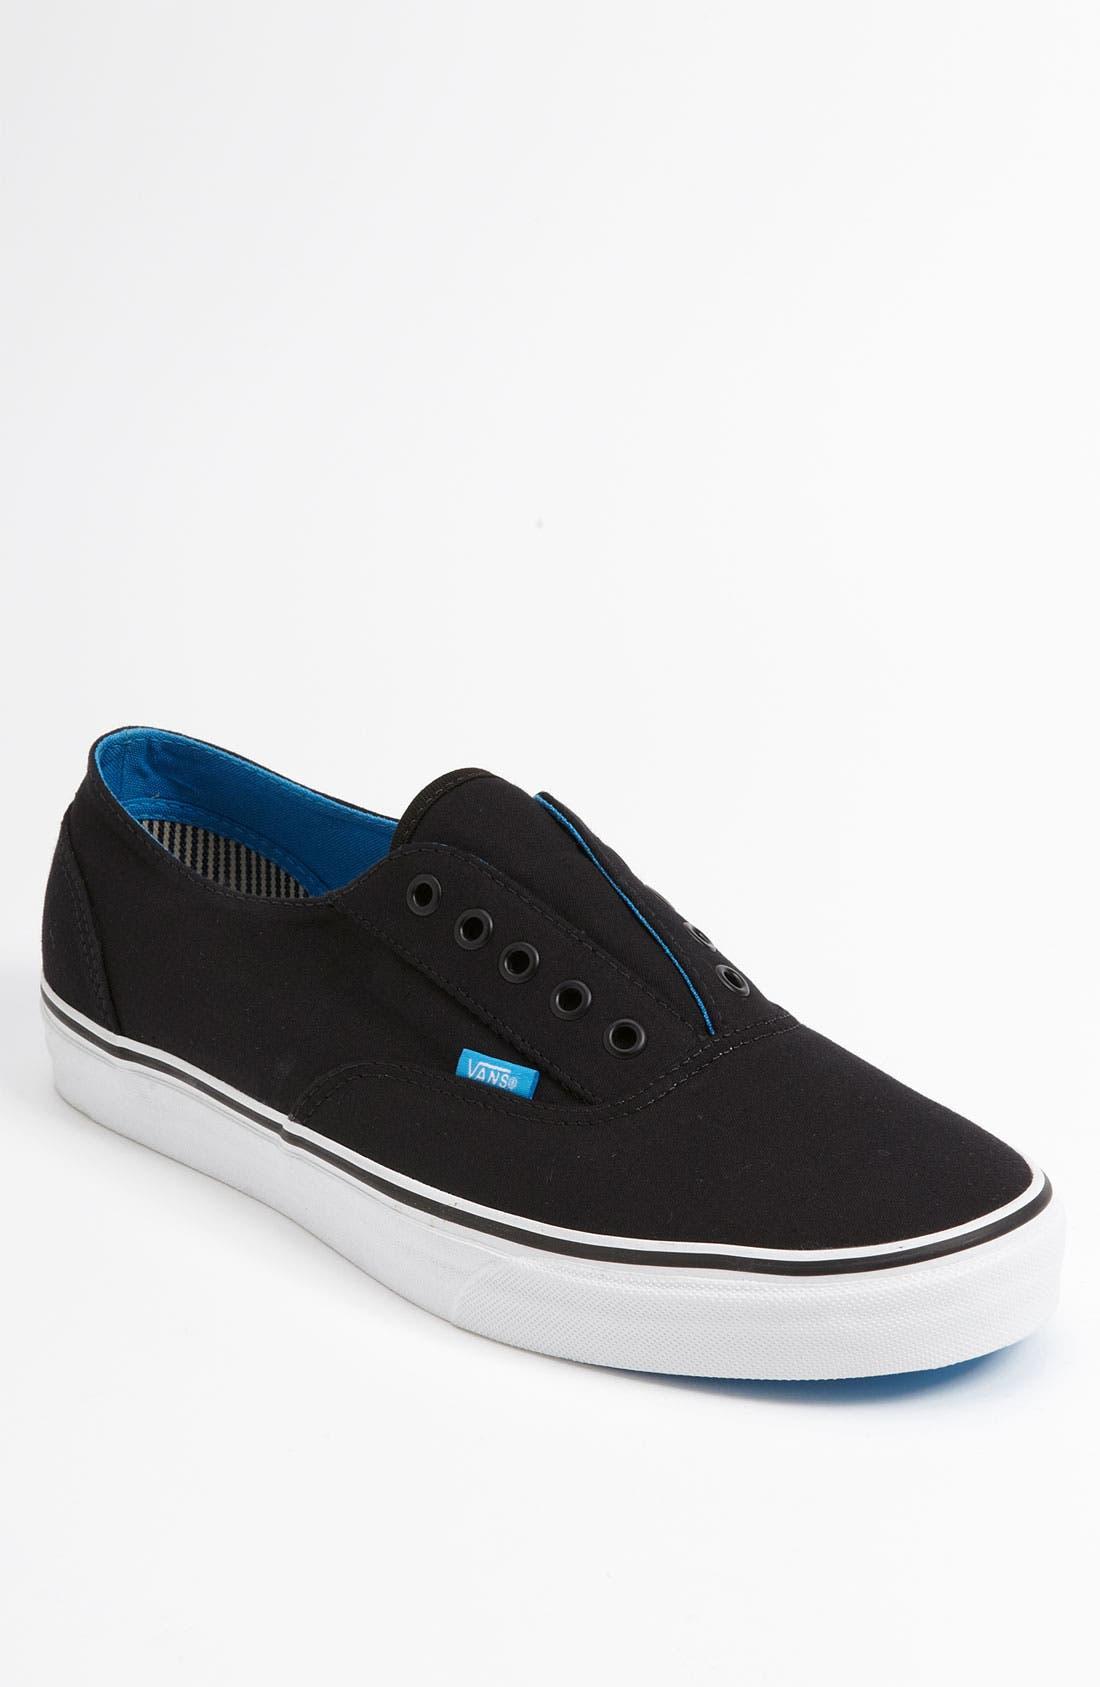 Alternate Image 1 Selected - Vans 'Era Laceless CA' Sneaker (Men)